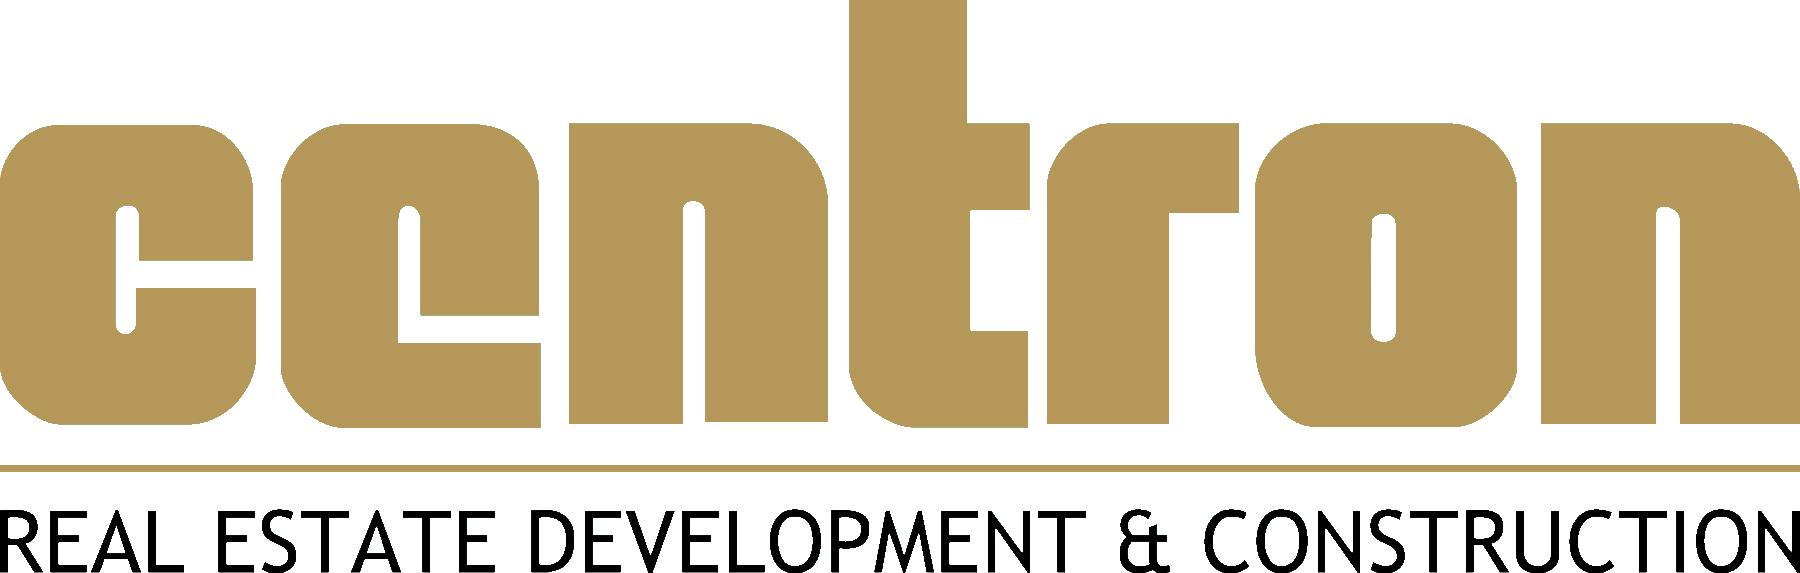 centron_logo_tag2